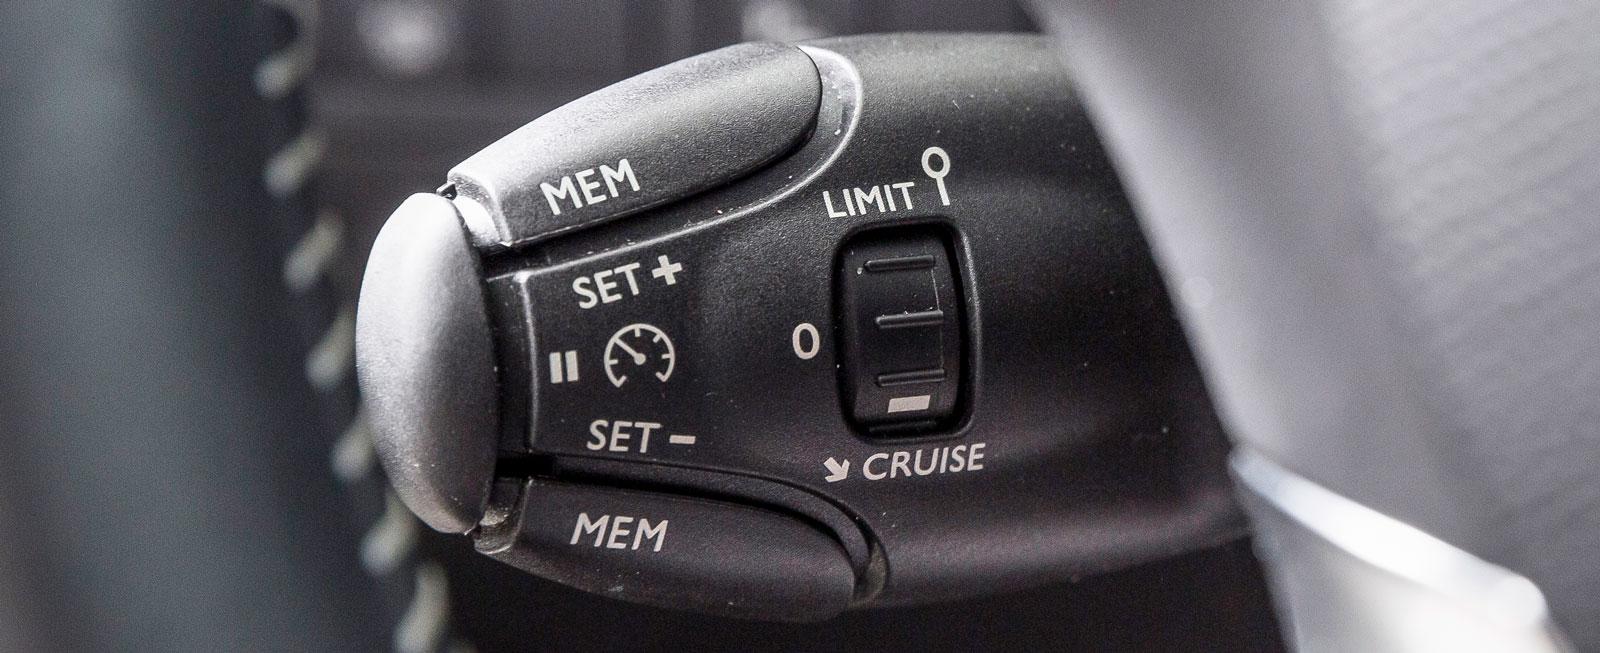 Farthållaren är smidig att använda och manövreras via ett reglage till vänster om ratten.